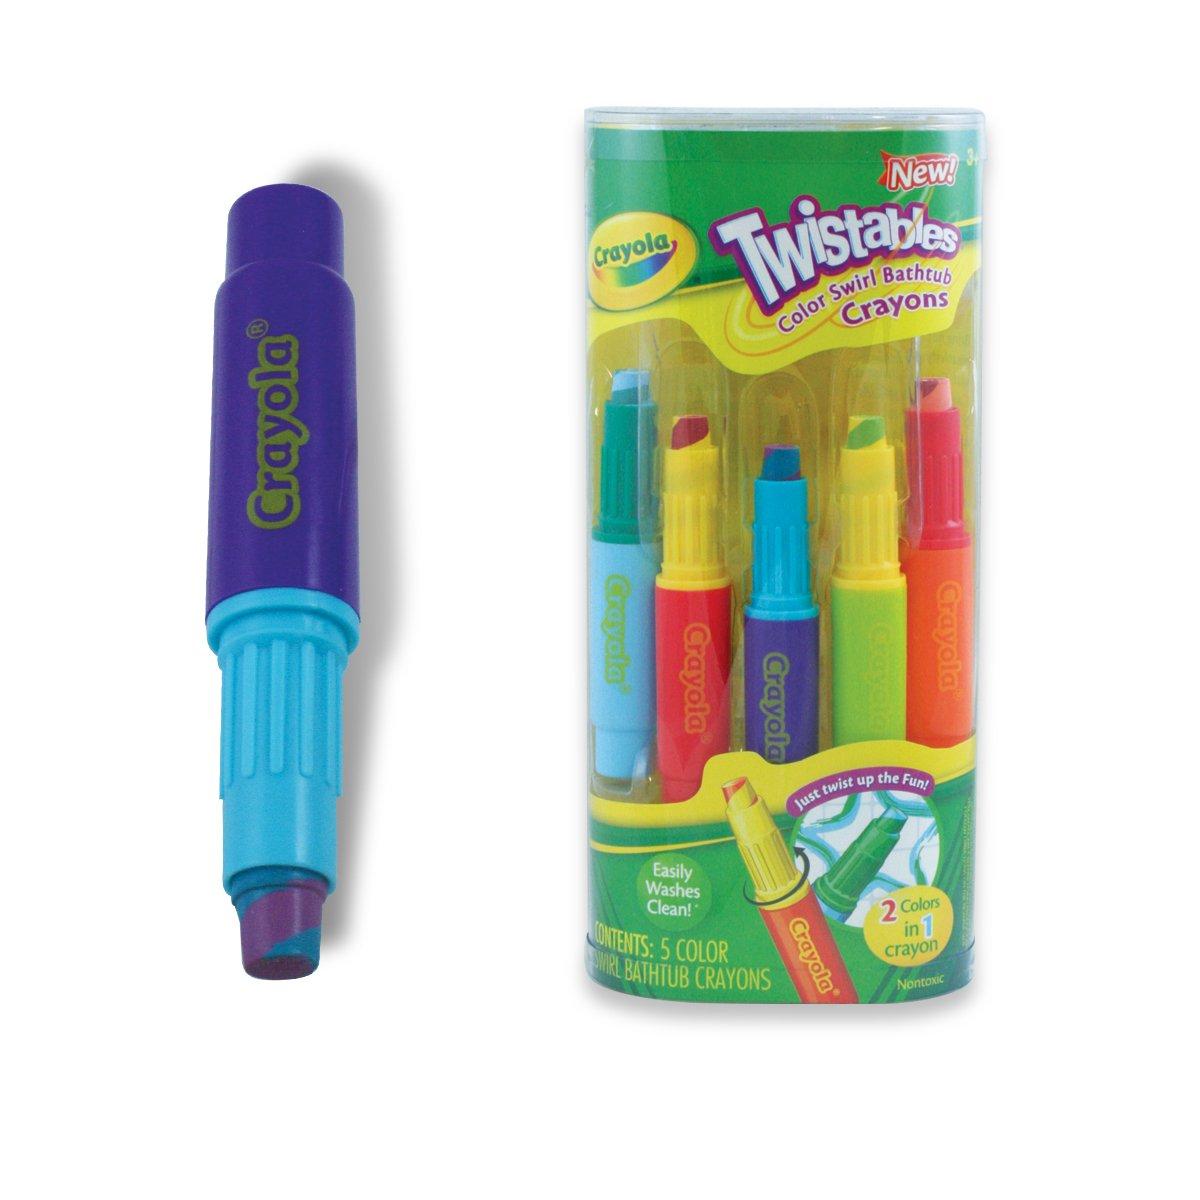 amazoncom play visions color swirl crayons toys games - Crayola Bathroom Crayons